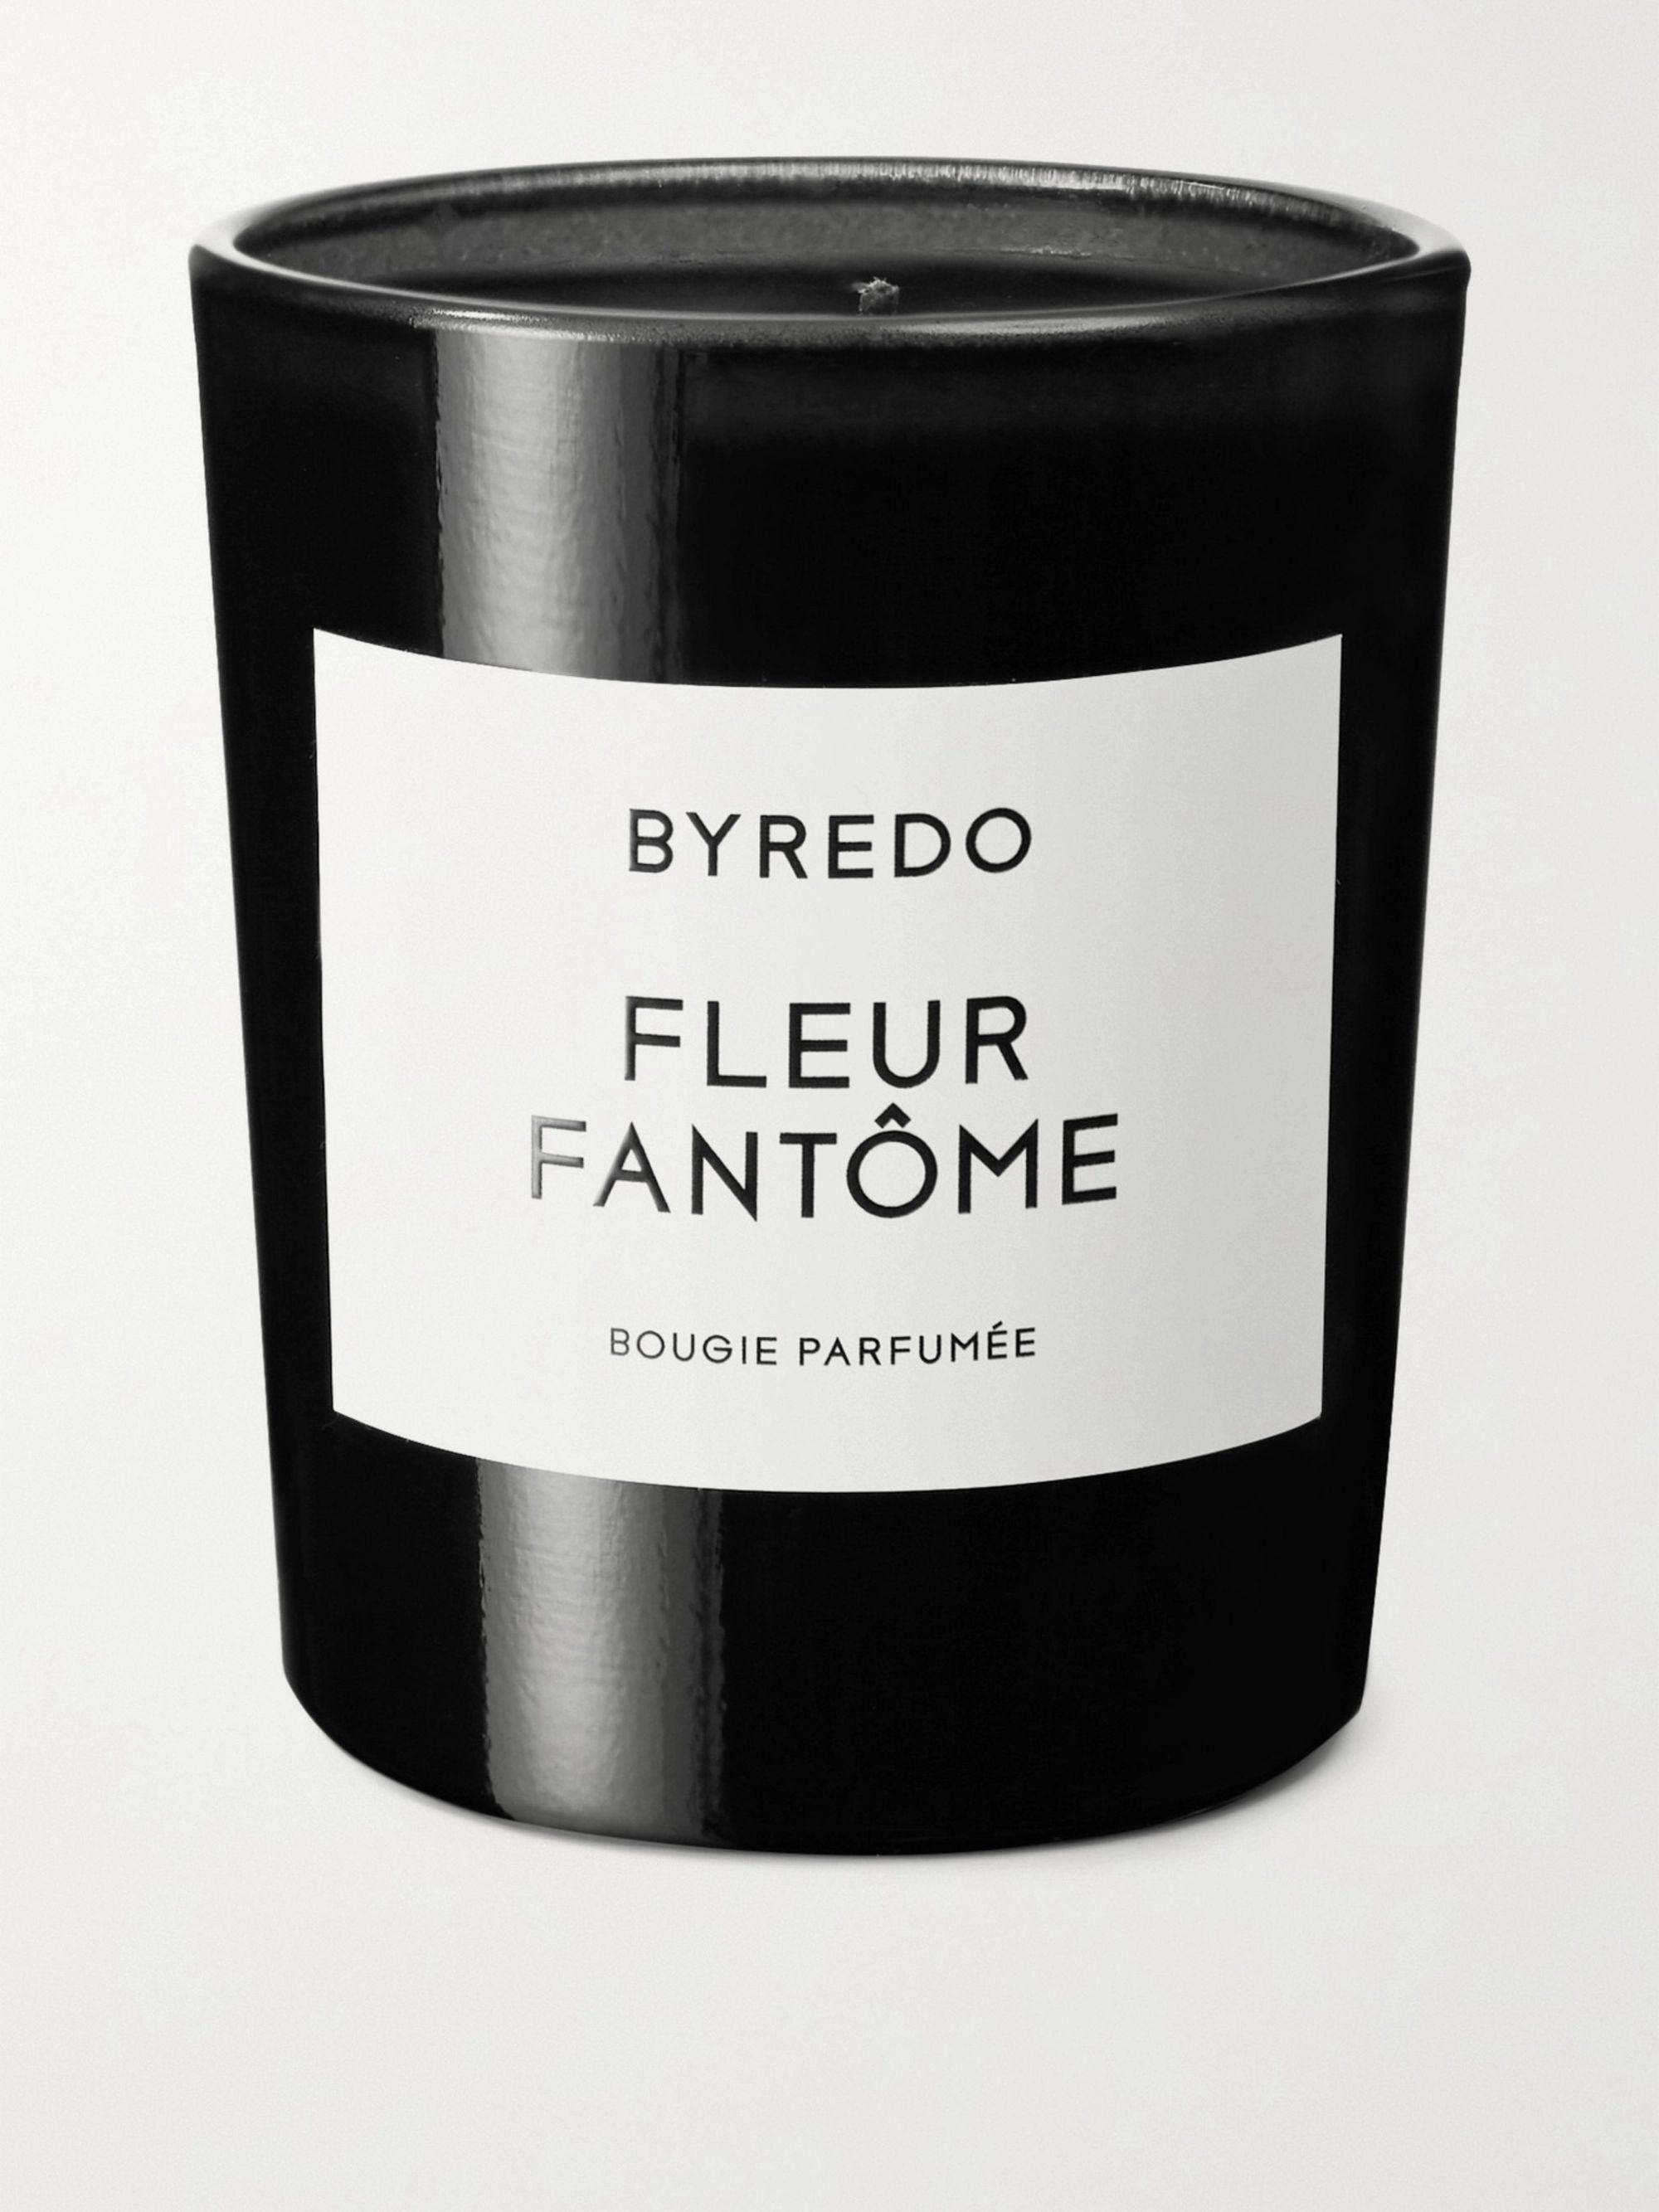 바이레도 캔들 Byredo Fleur Fantoeme Scented Candle 70g